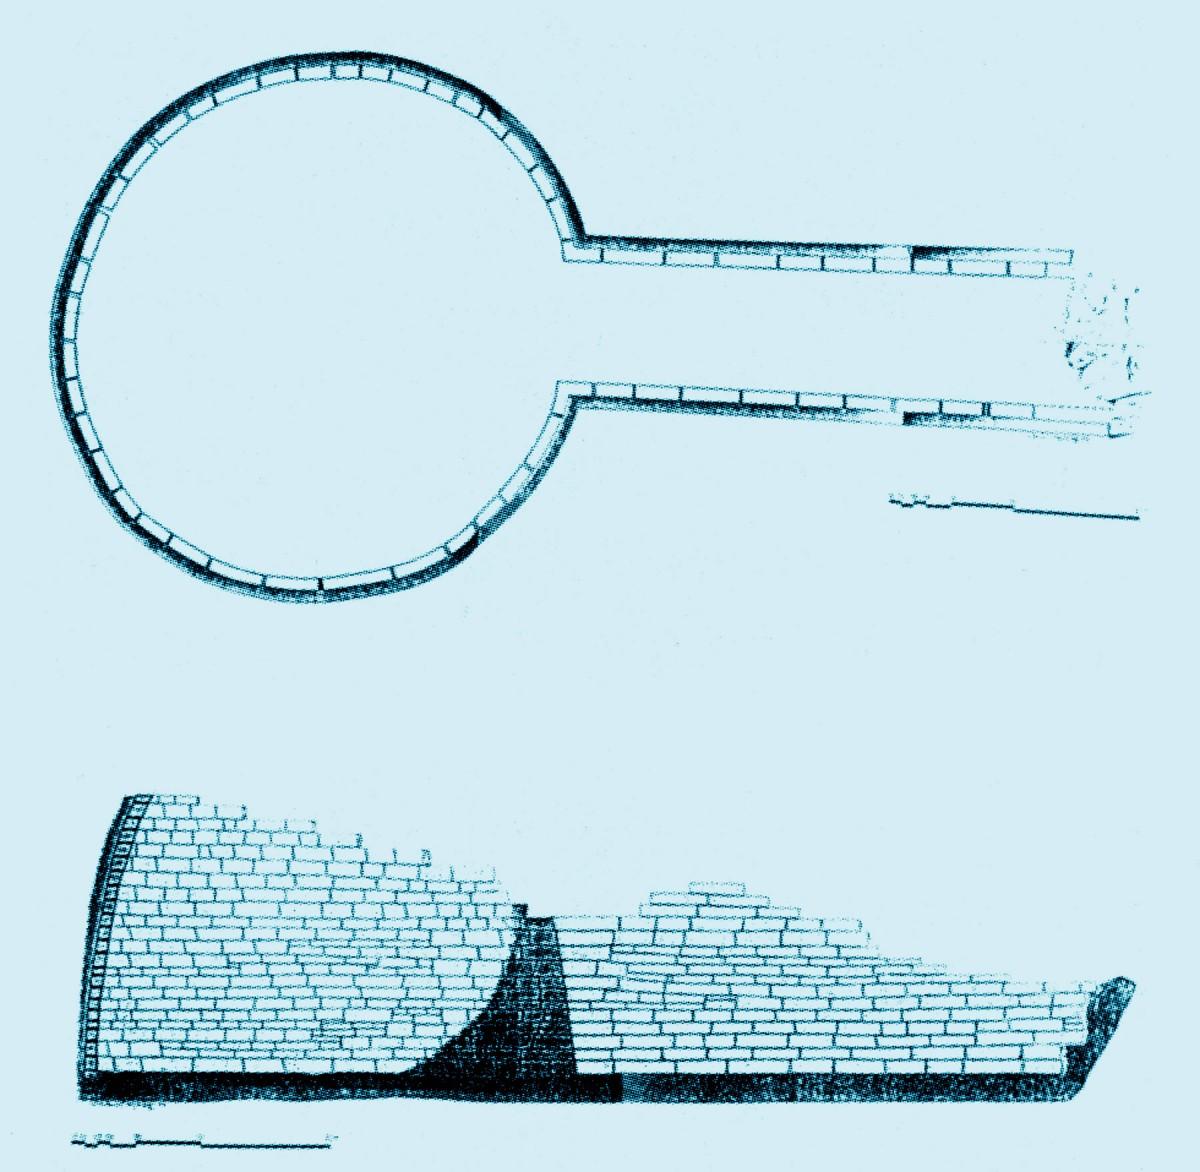 Εικ. 3. Σωζόμενη κάτοψη και τομή του θολωτού τάφου στην Κίπερη Πάργας. (Πηγή: Θ. Παπαδόπουλος)